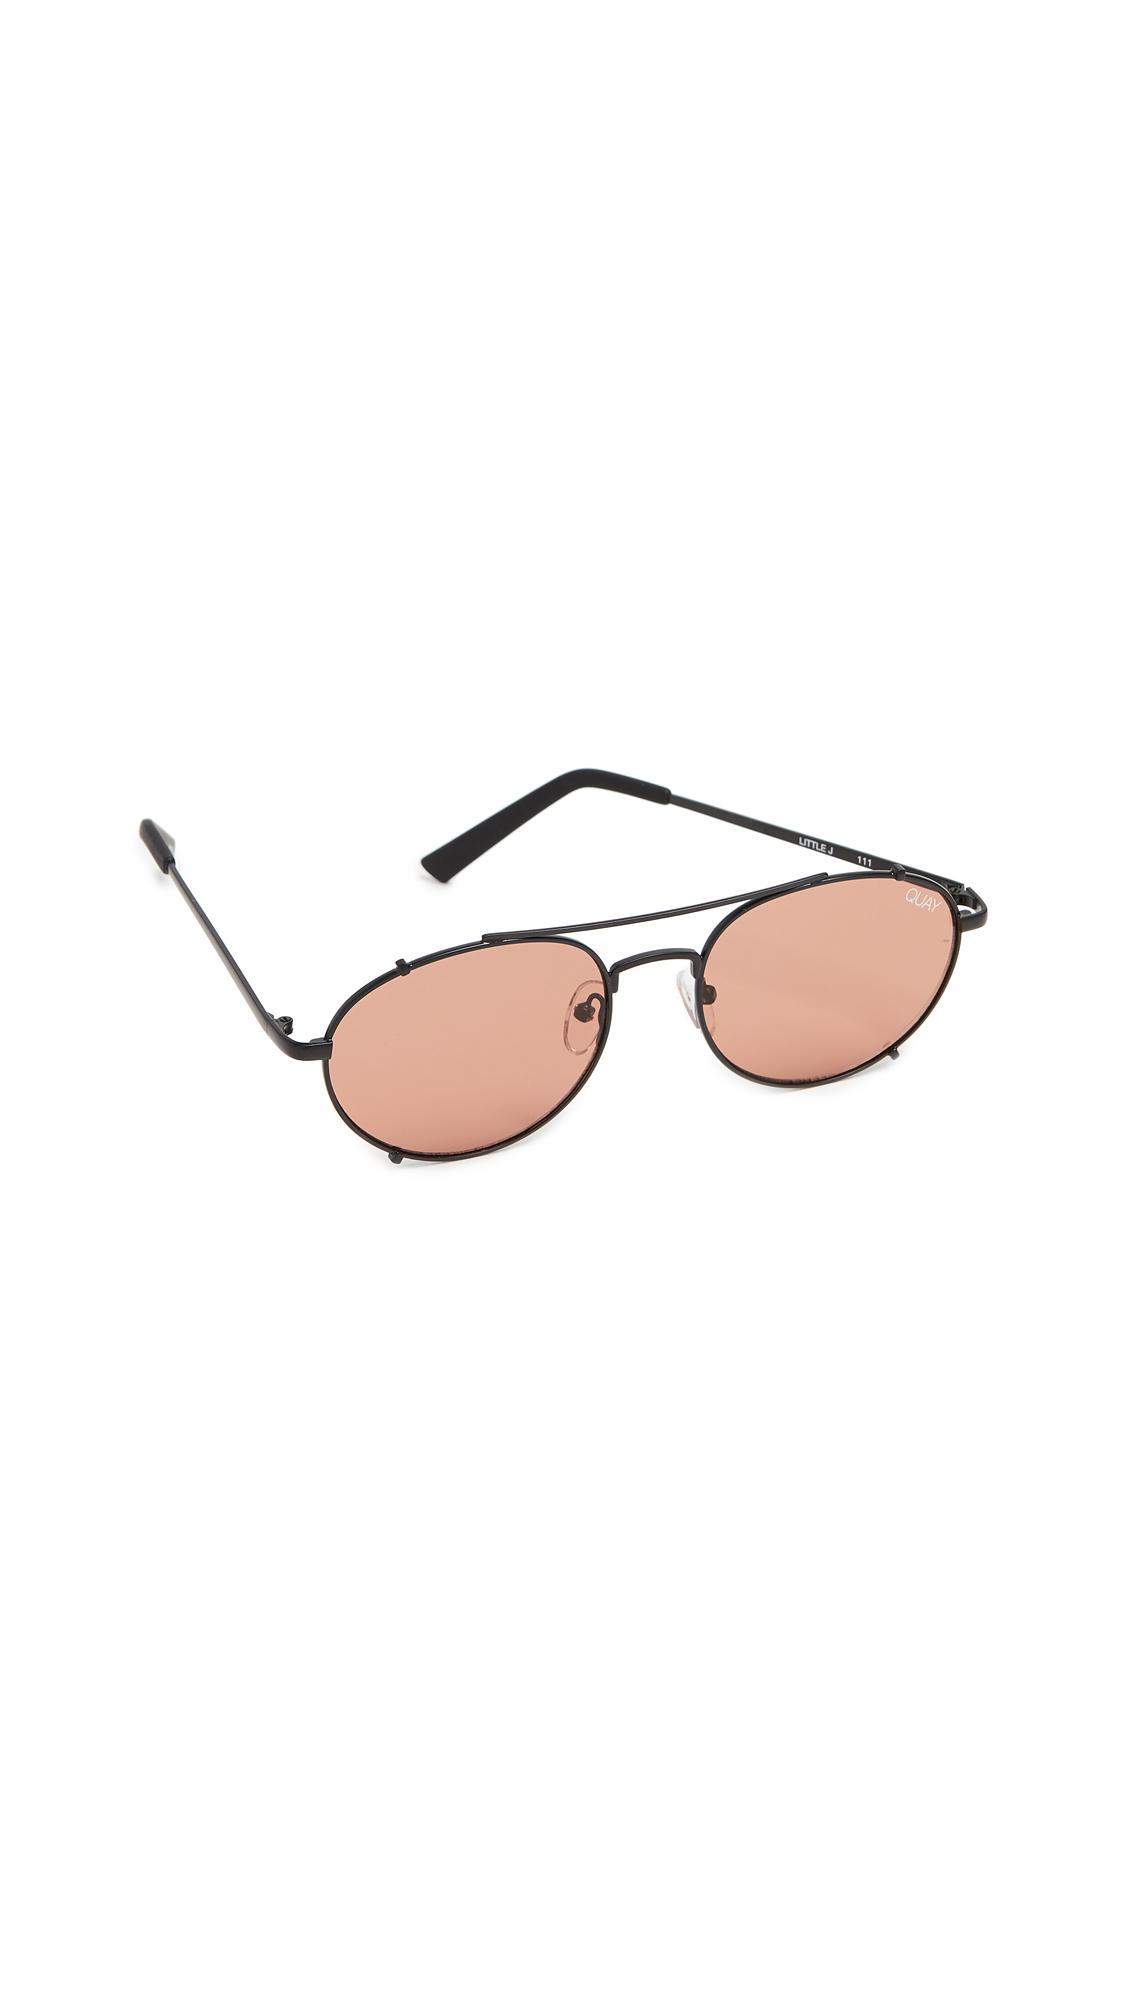 cb574e6347d75 Quay Little J Sunglasses In Black Peach